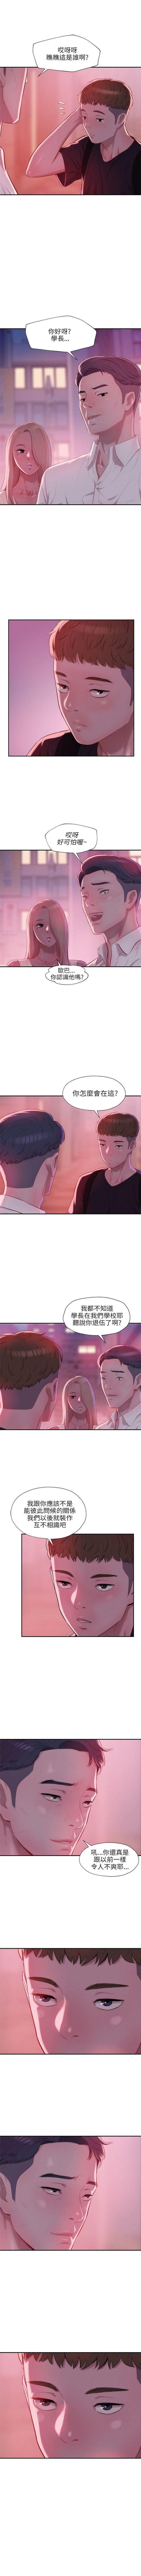 新生淫乱日记 1-61完结(中文) 121